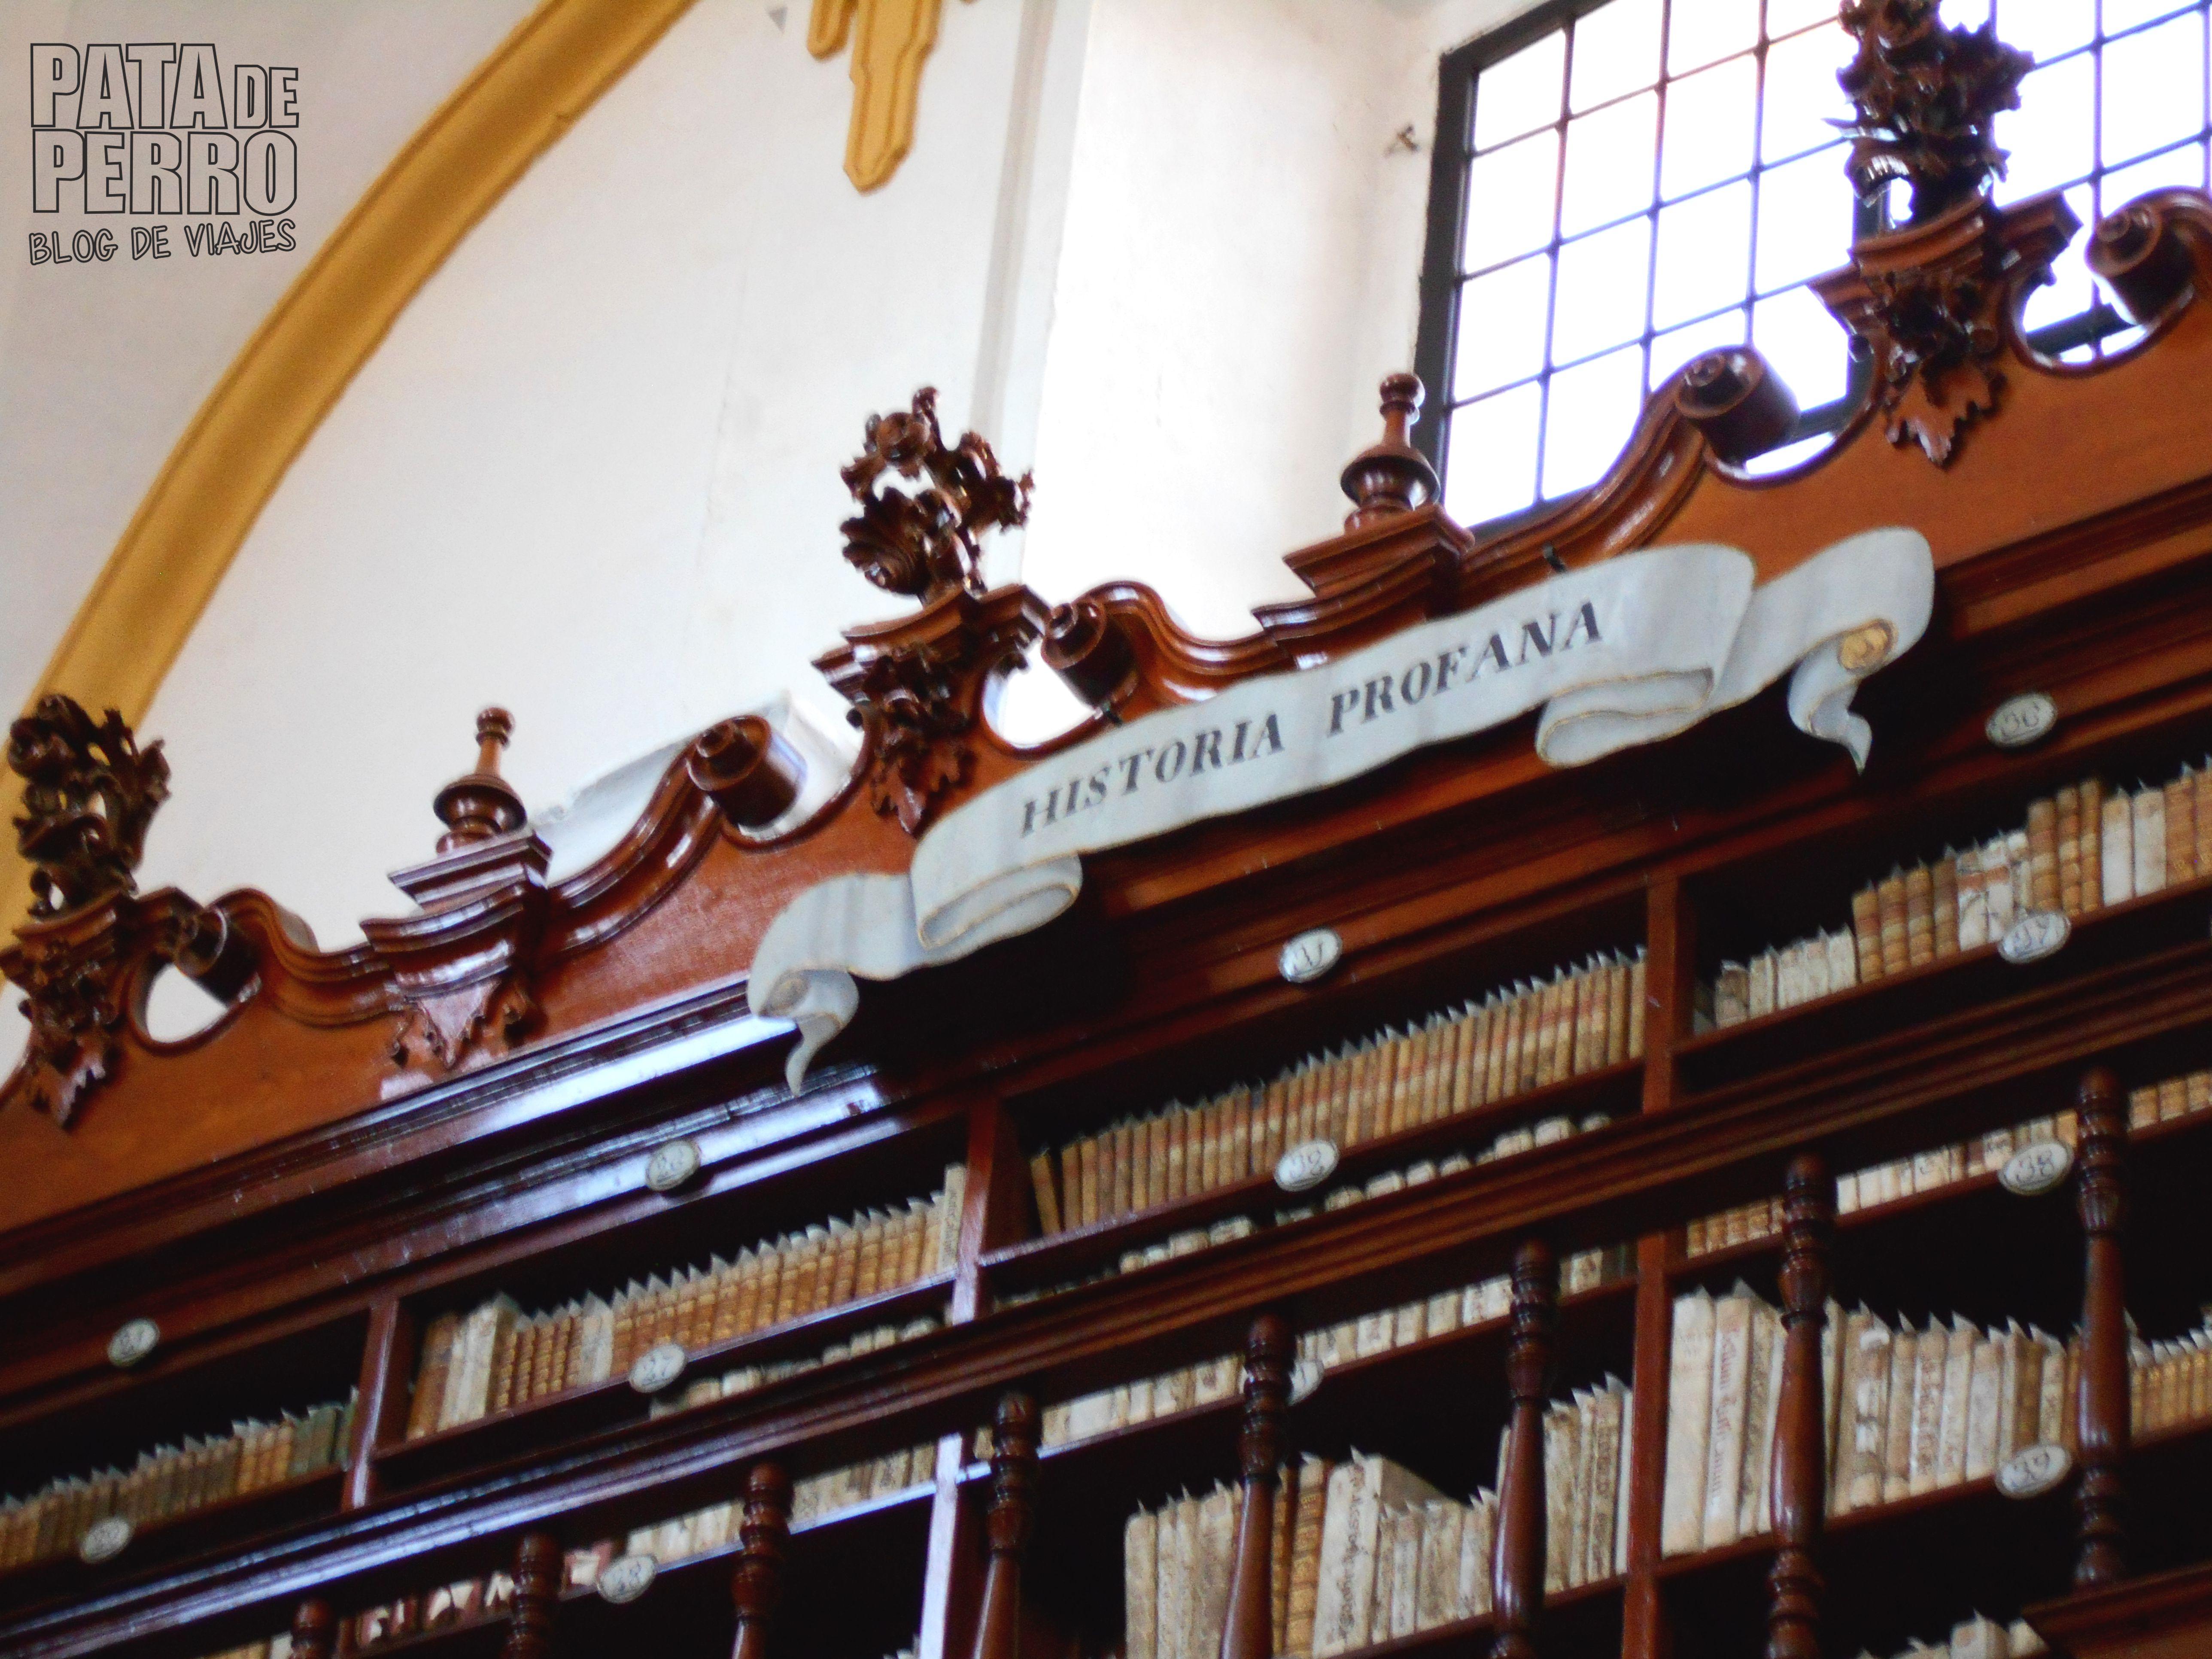 biblioteca-palafoxiana-la-primera-biblioteca-publica-de-america-pata-de-perro-blog-de-viajes-puebla-mexico-04